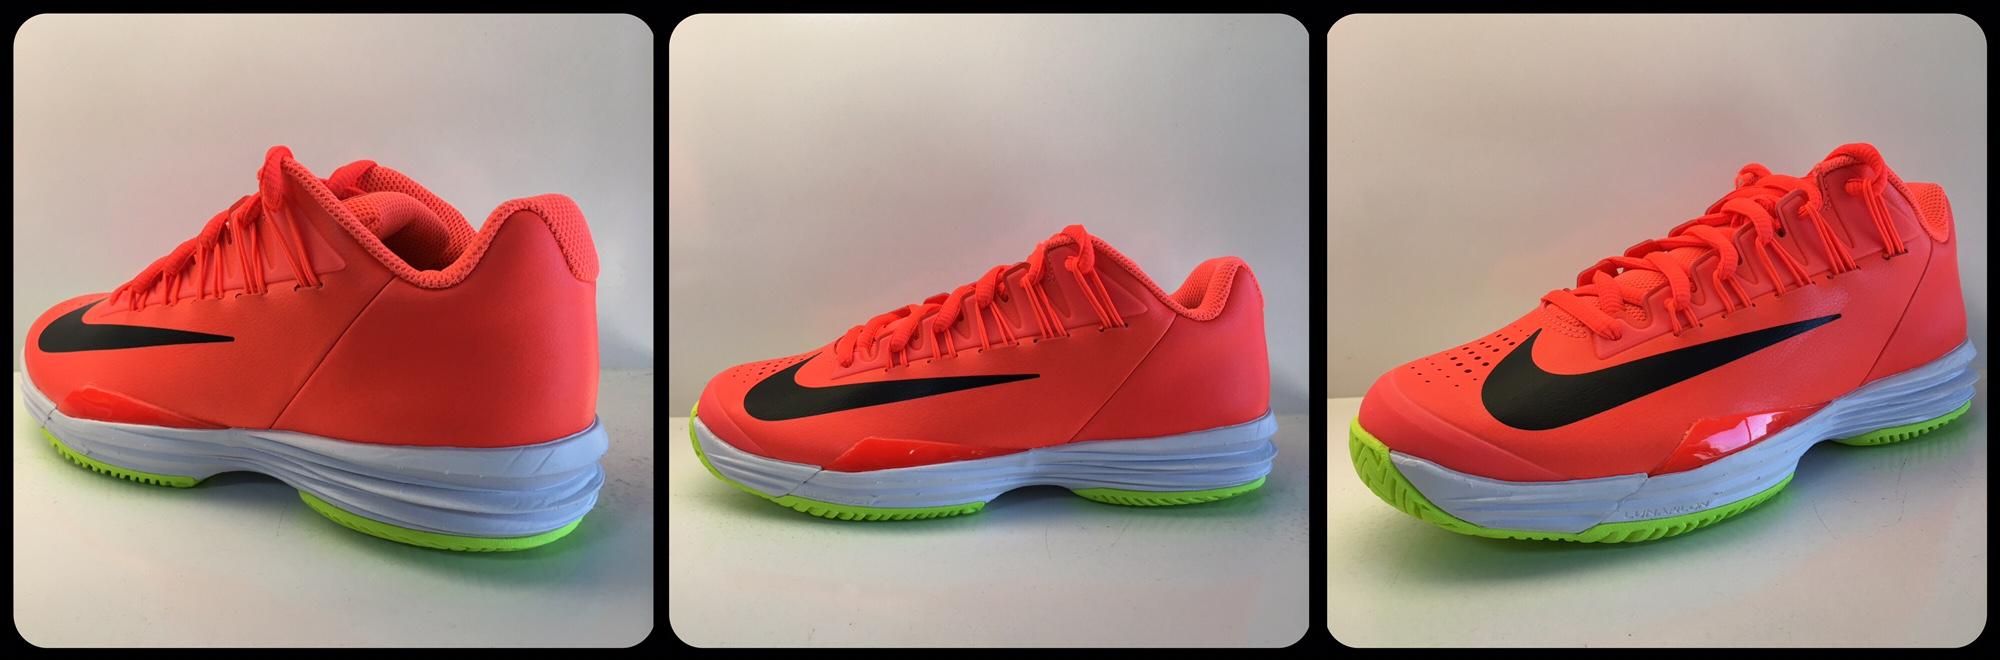 the best attitude 2abd1 41bfc Footwear Review  Nike Lunar Ballistec 1.5 – First Serve Tennis